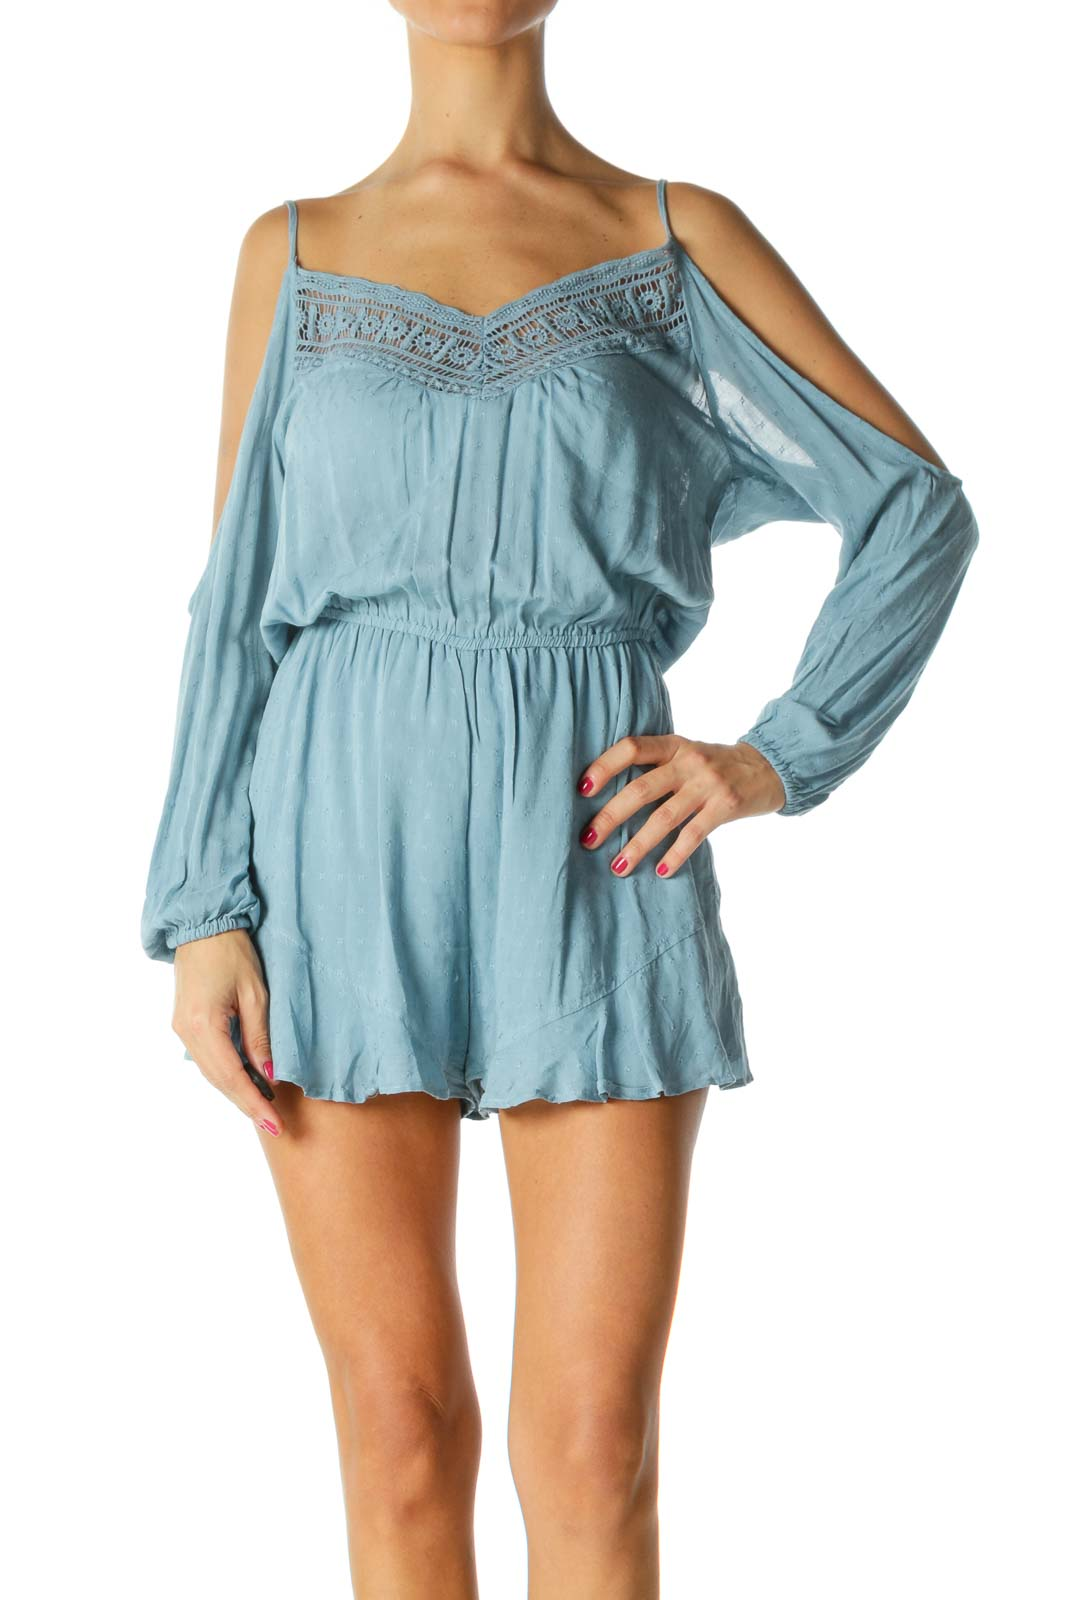 Blue V-Neck Crocheted Cold-Shoulder Knit Romper Front